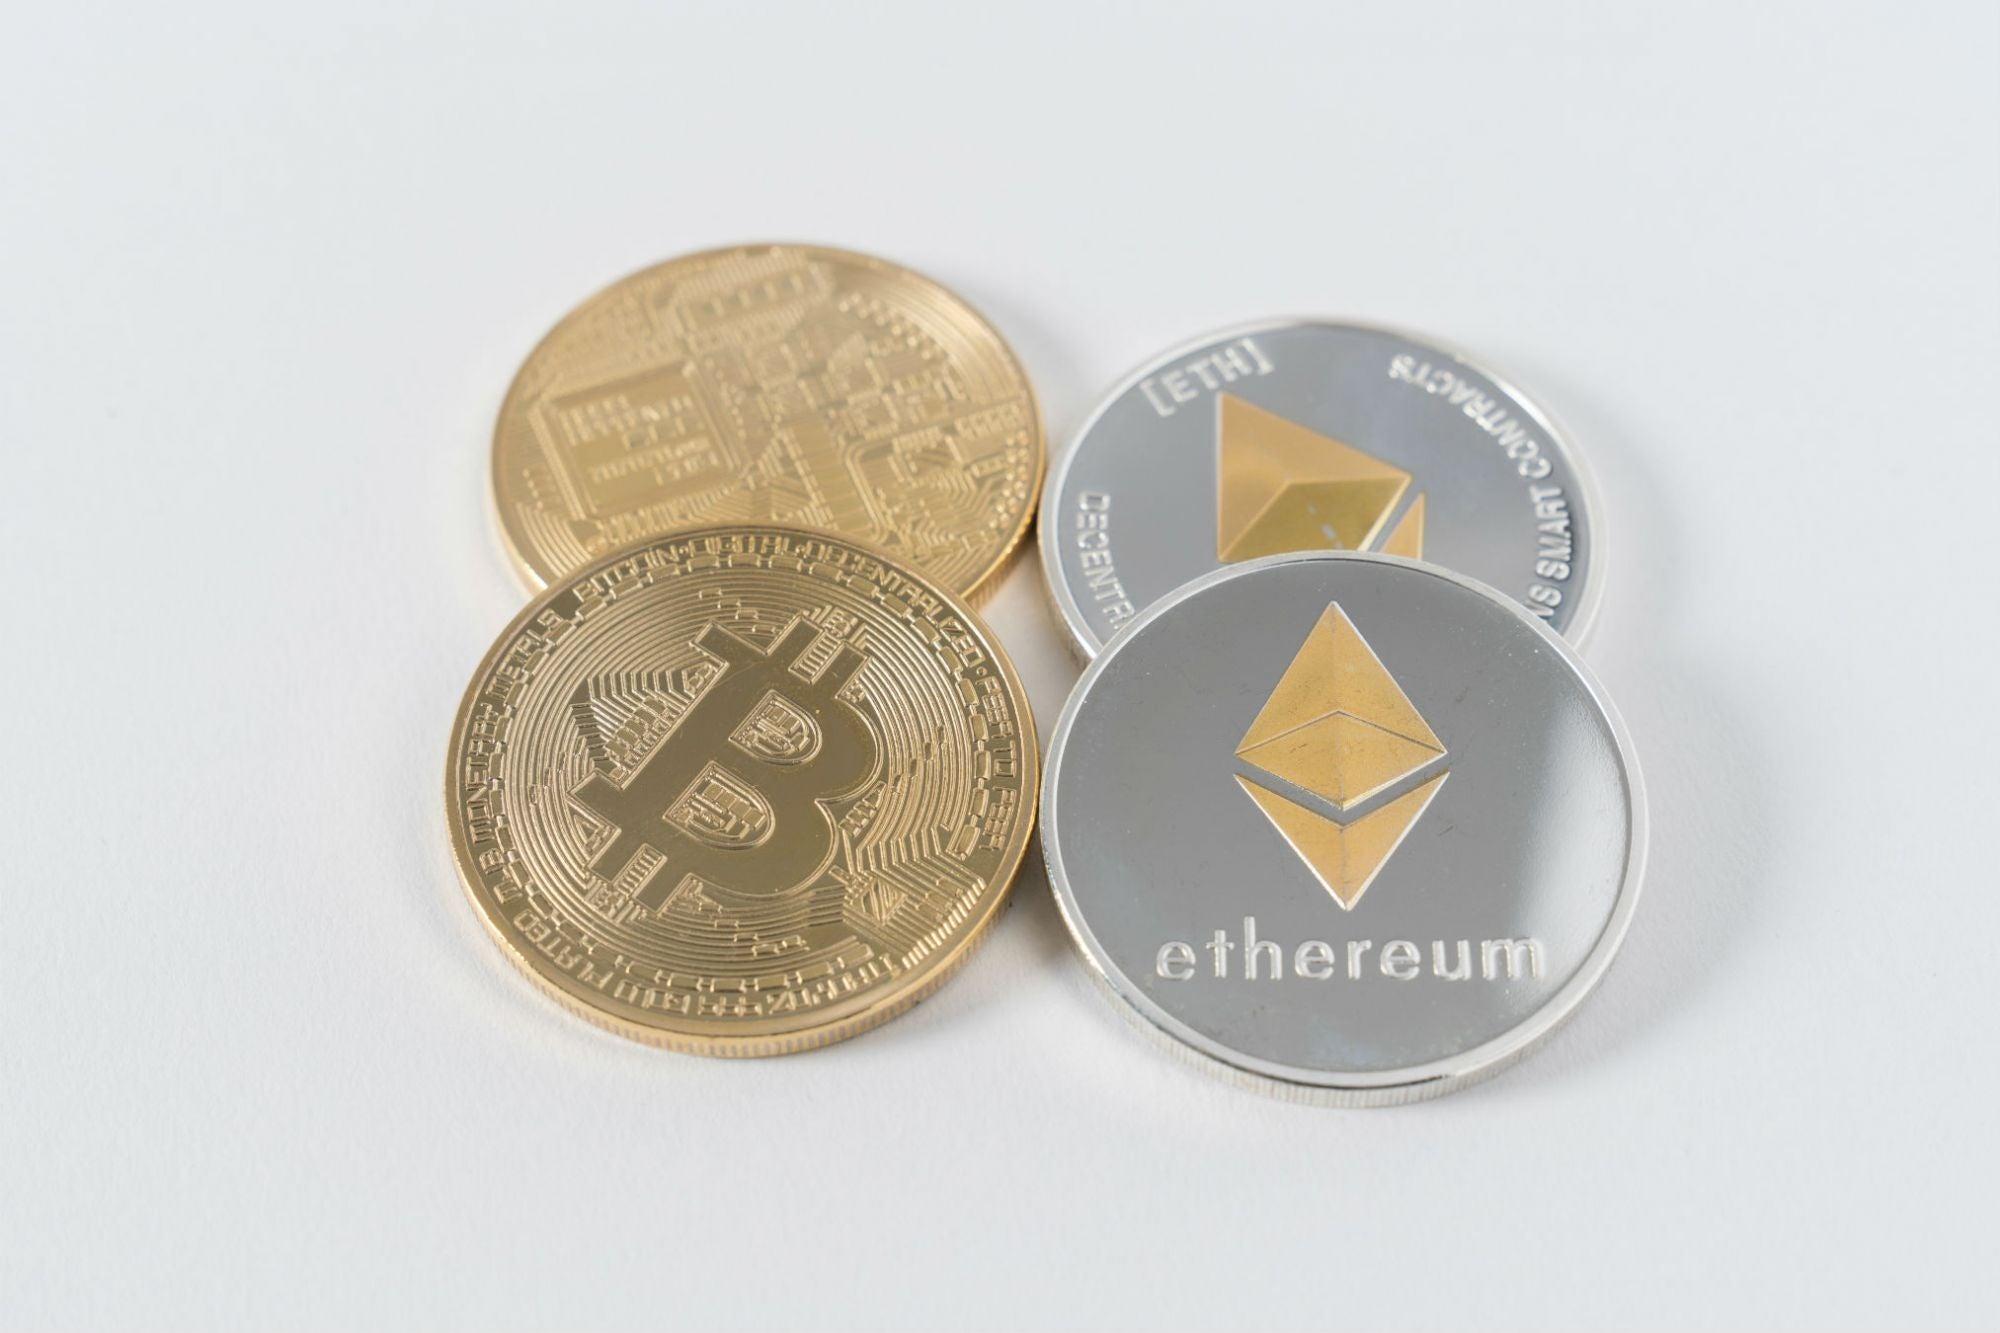 come il commercio ethereum a bitcoin